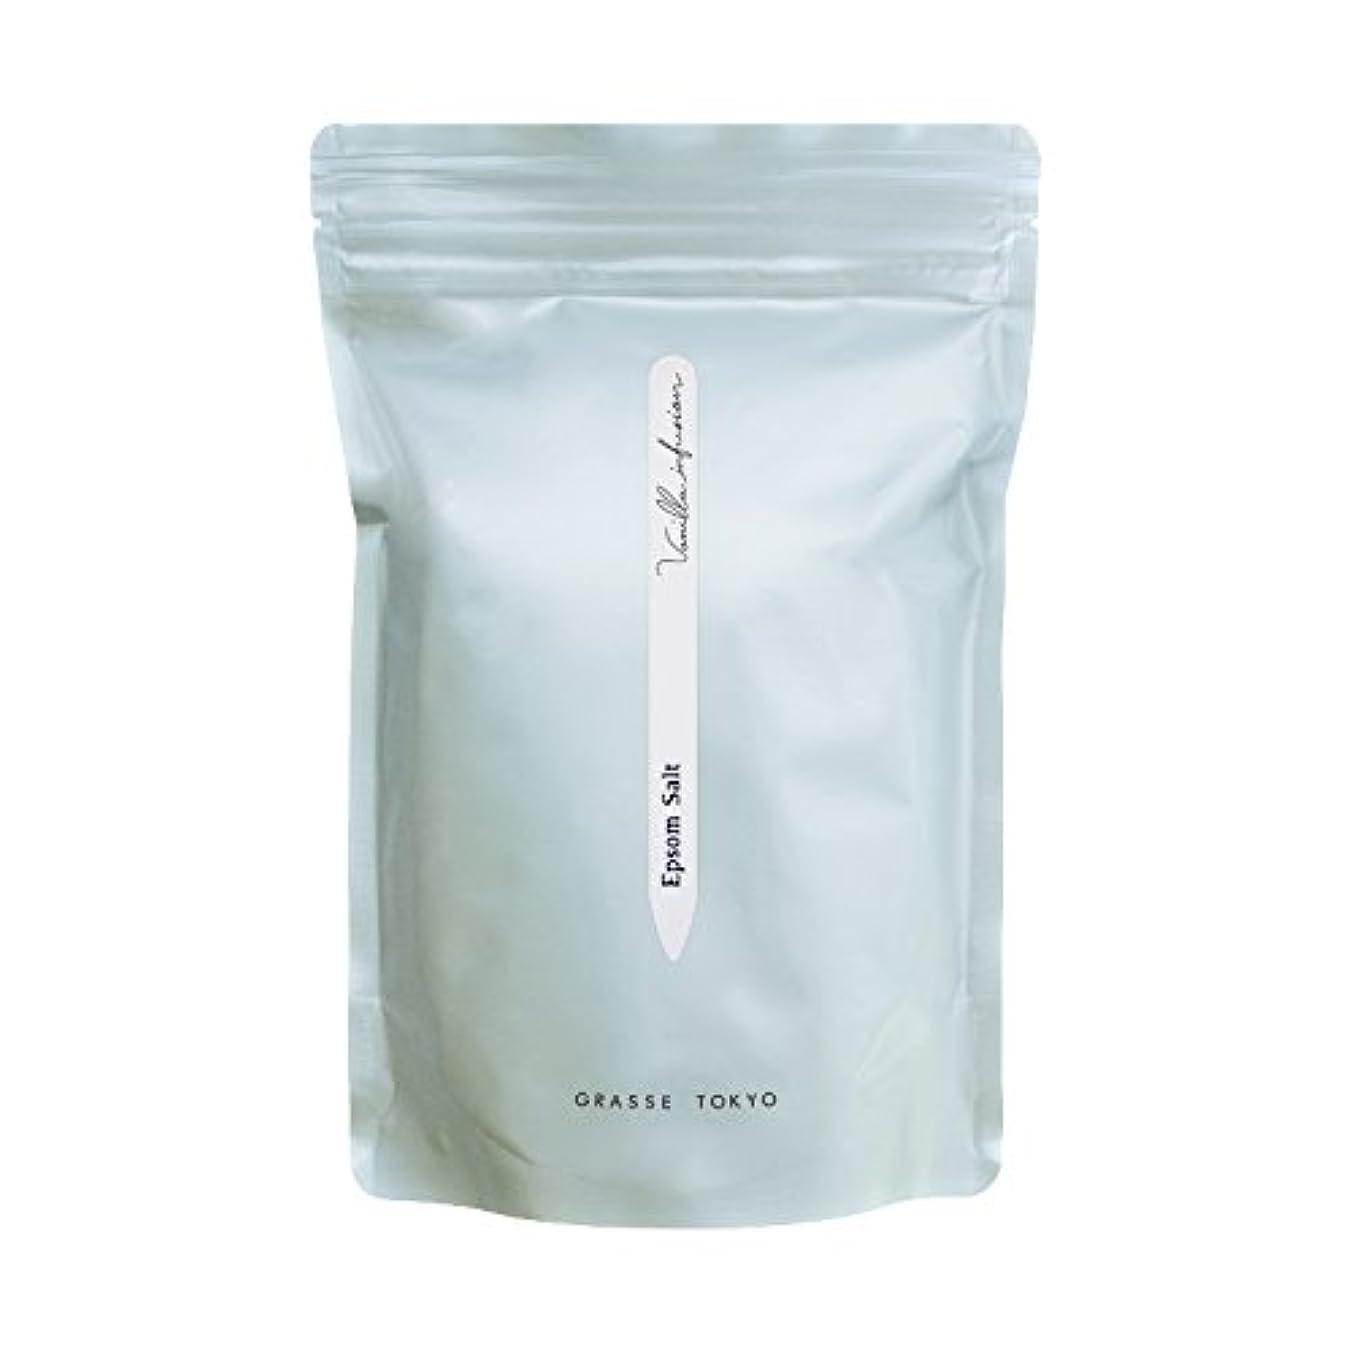 ピーブ群れ不機嫌そうなグラーストウキョウ エプソムソルト(浴用、5回分ジップ袋) Vanilla infusion 750g